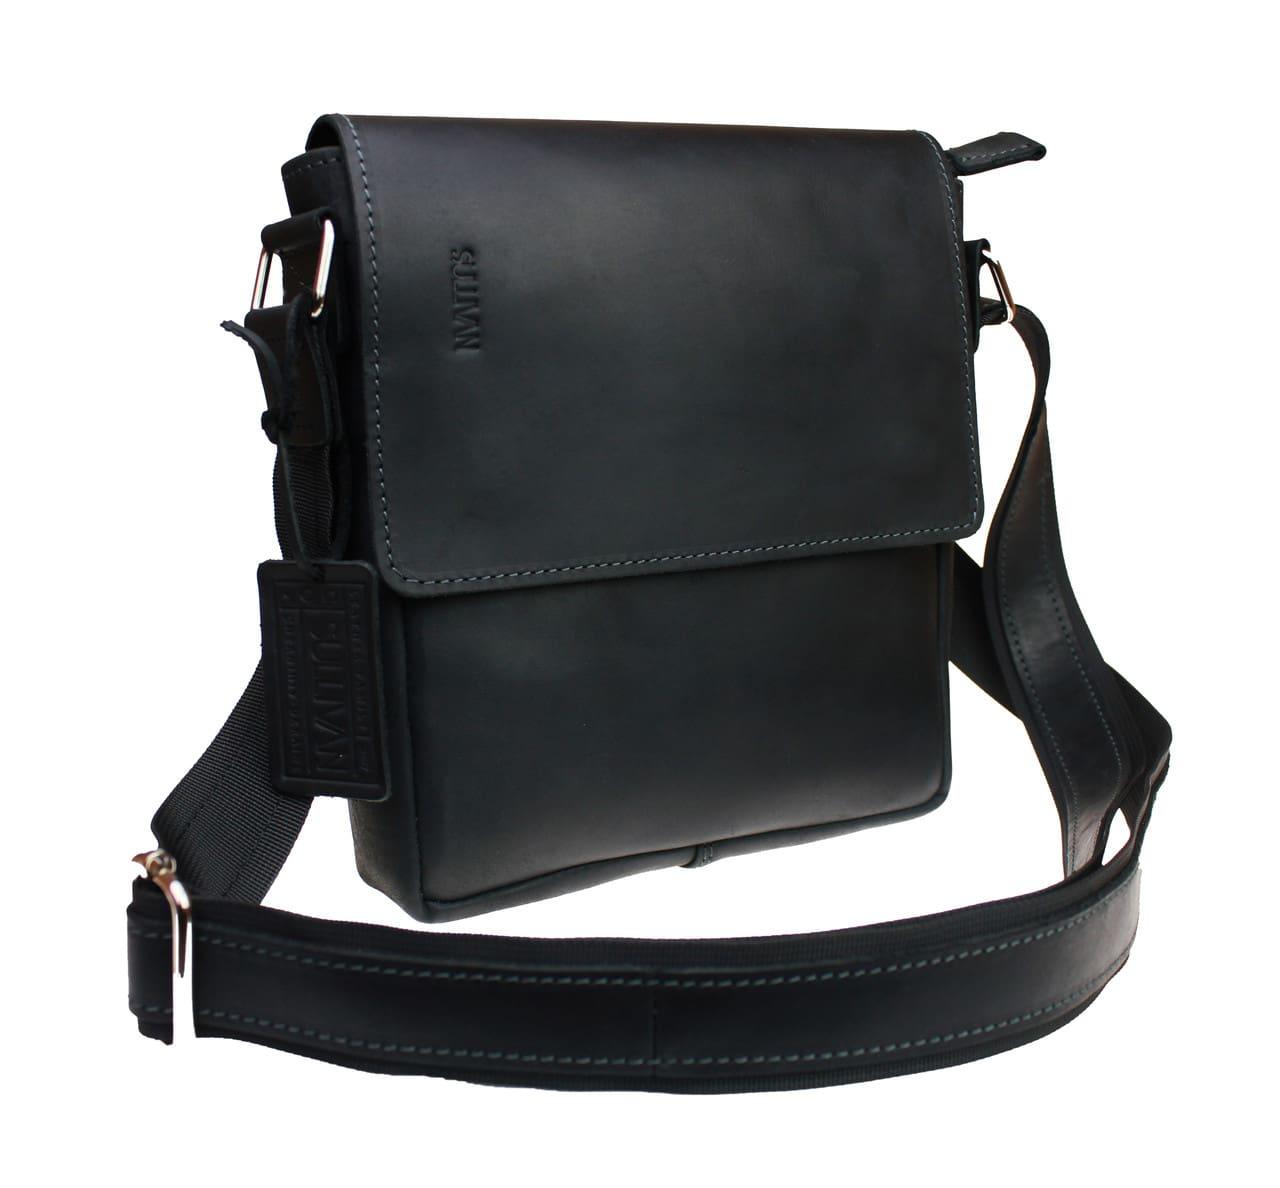 1c52bdc98eac Купить мужскую кожаную сумку в Киеве и Украине - Кенгуру интернет магазин  мужских сумок